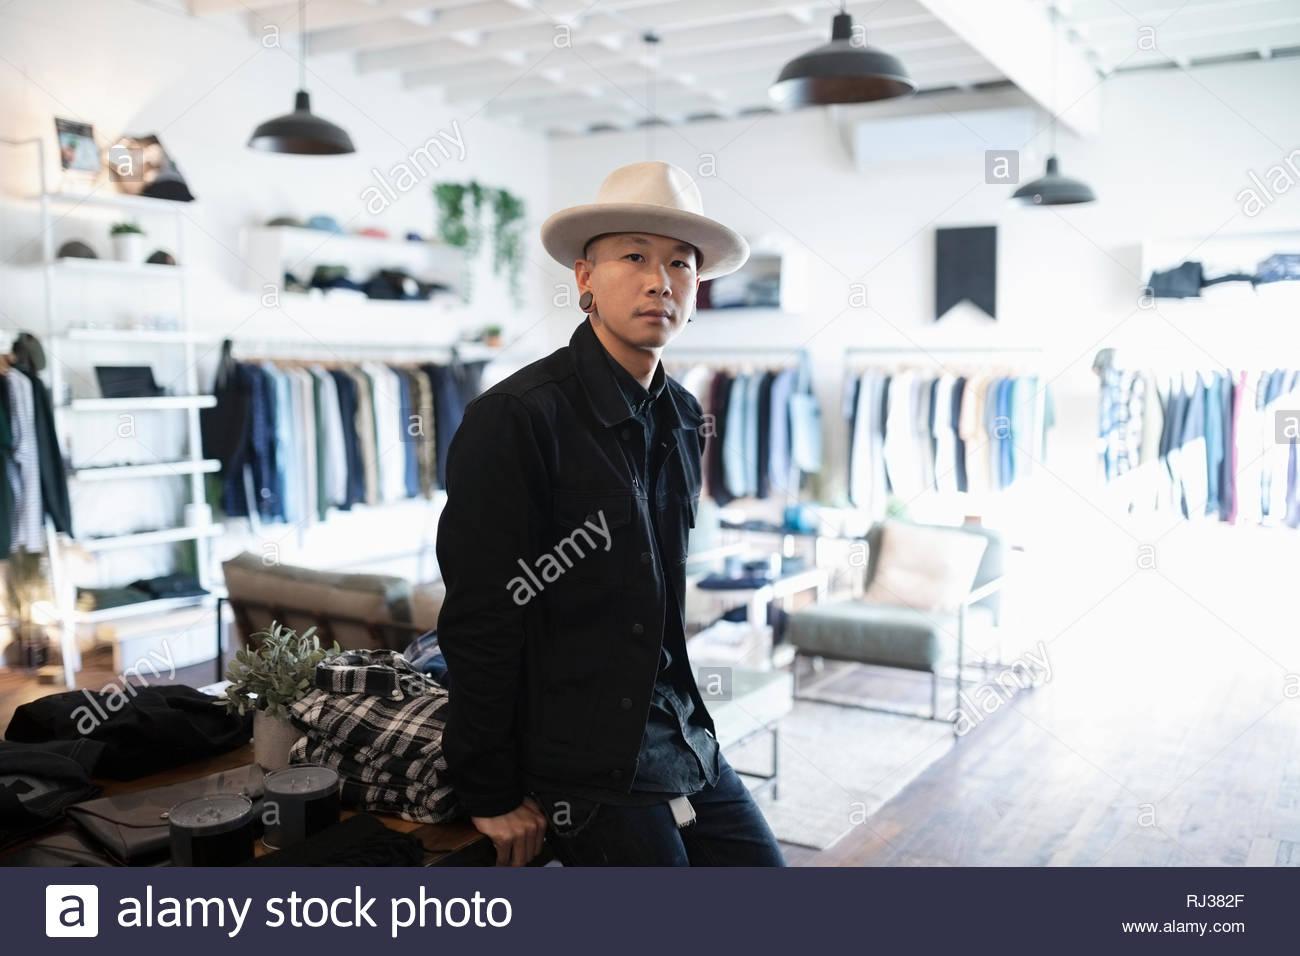 Ritratto maschile fiducioso titolare di azienda in abbigliamento uomo negozio di abbigliamento Immagini Stock